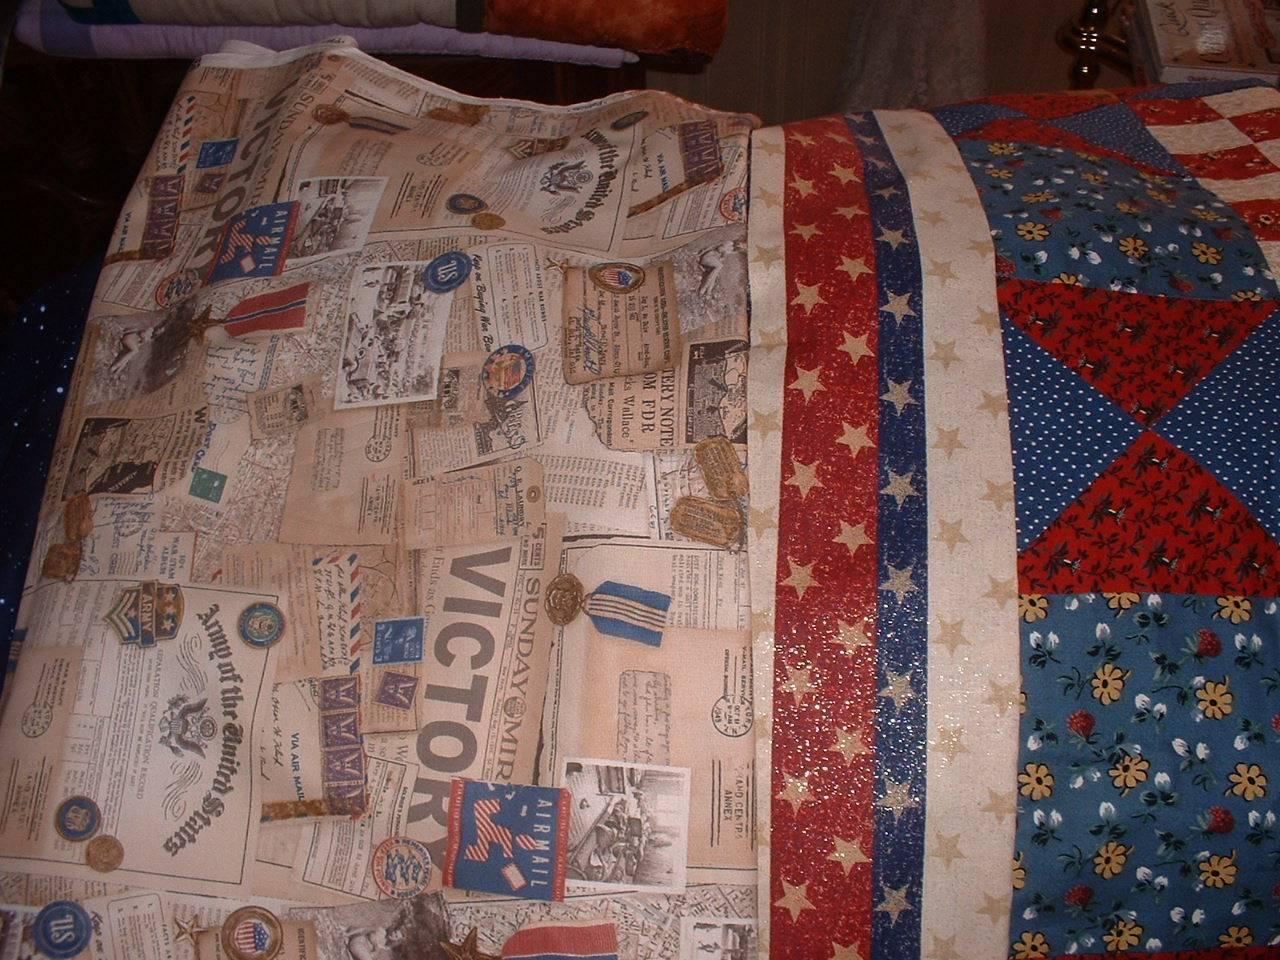 Fabric backing